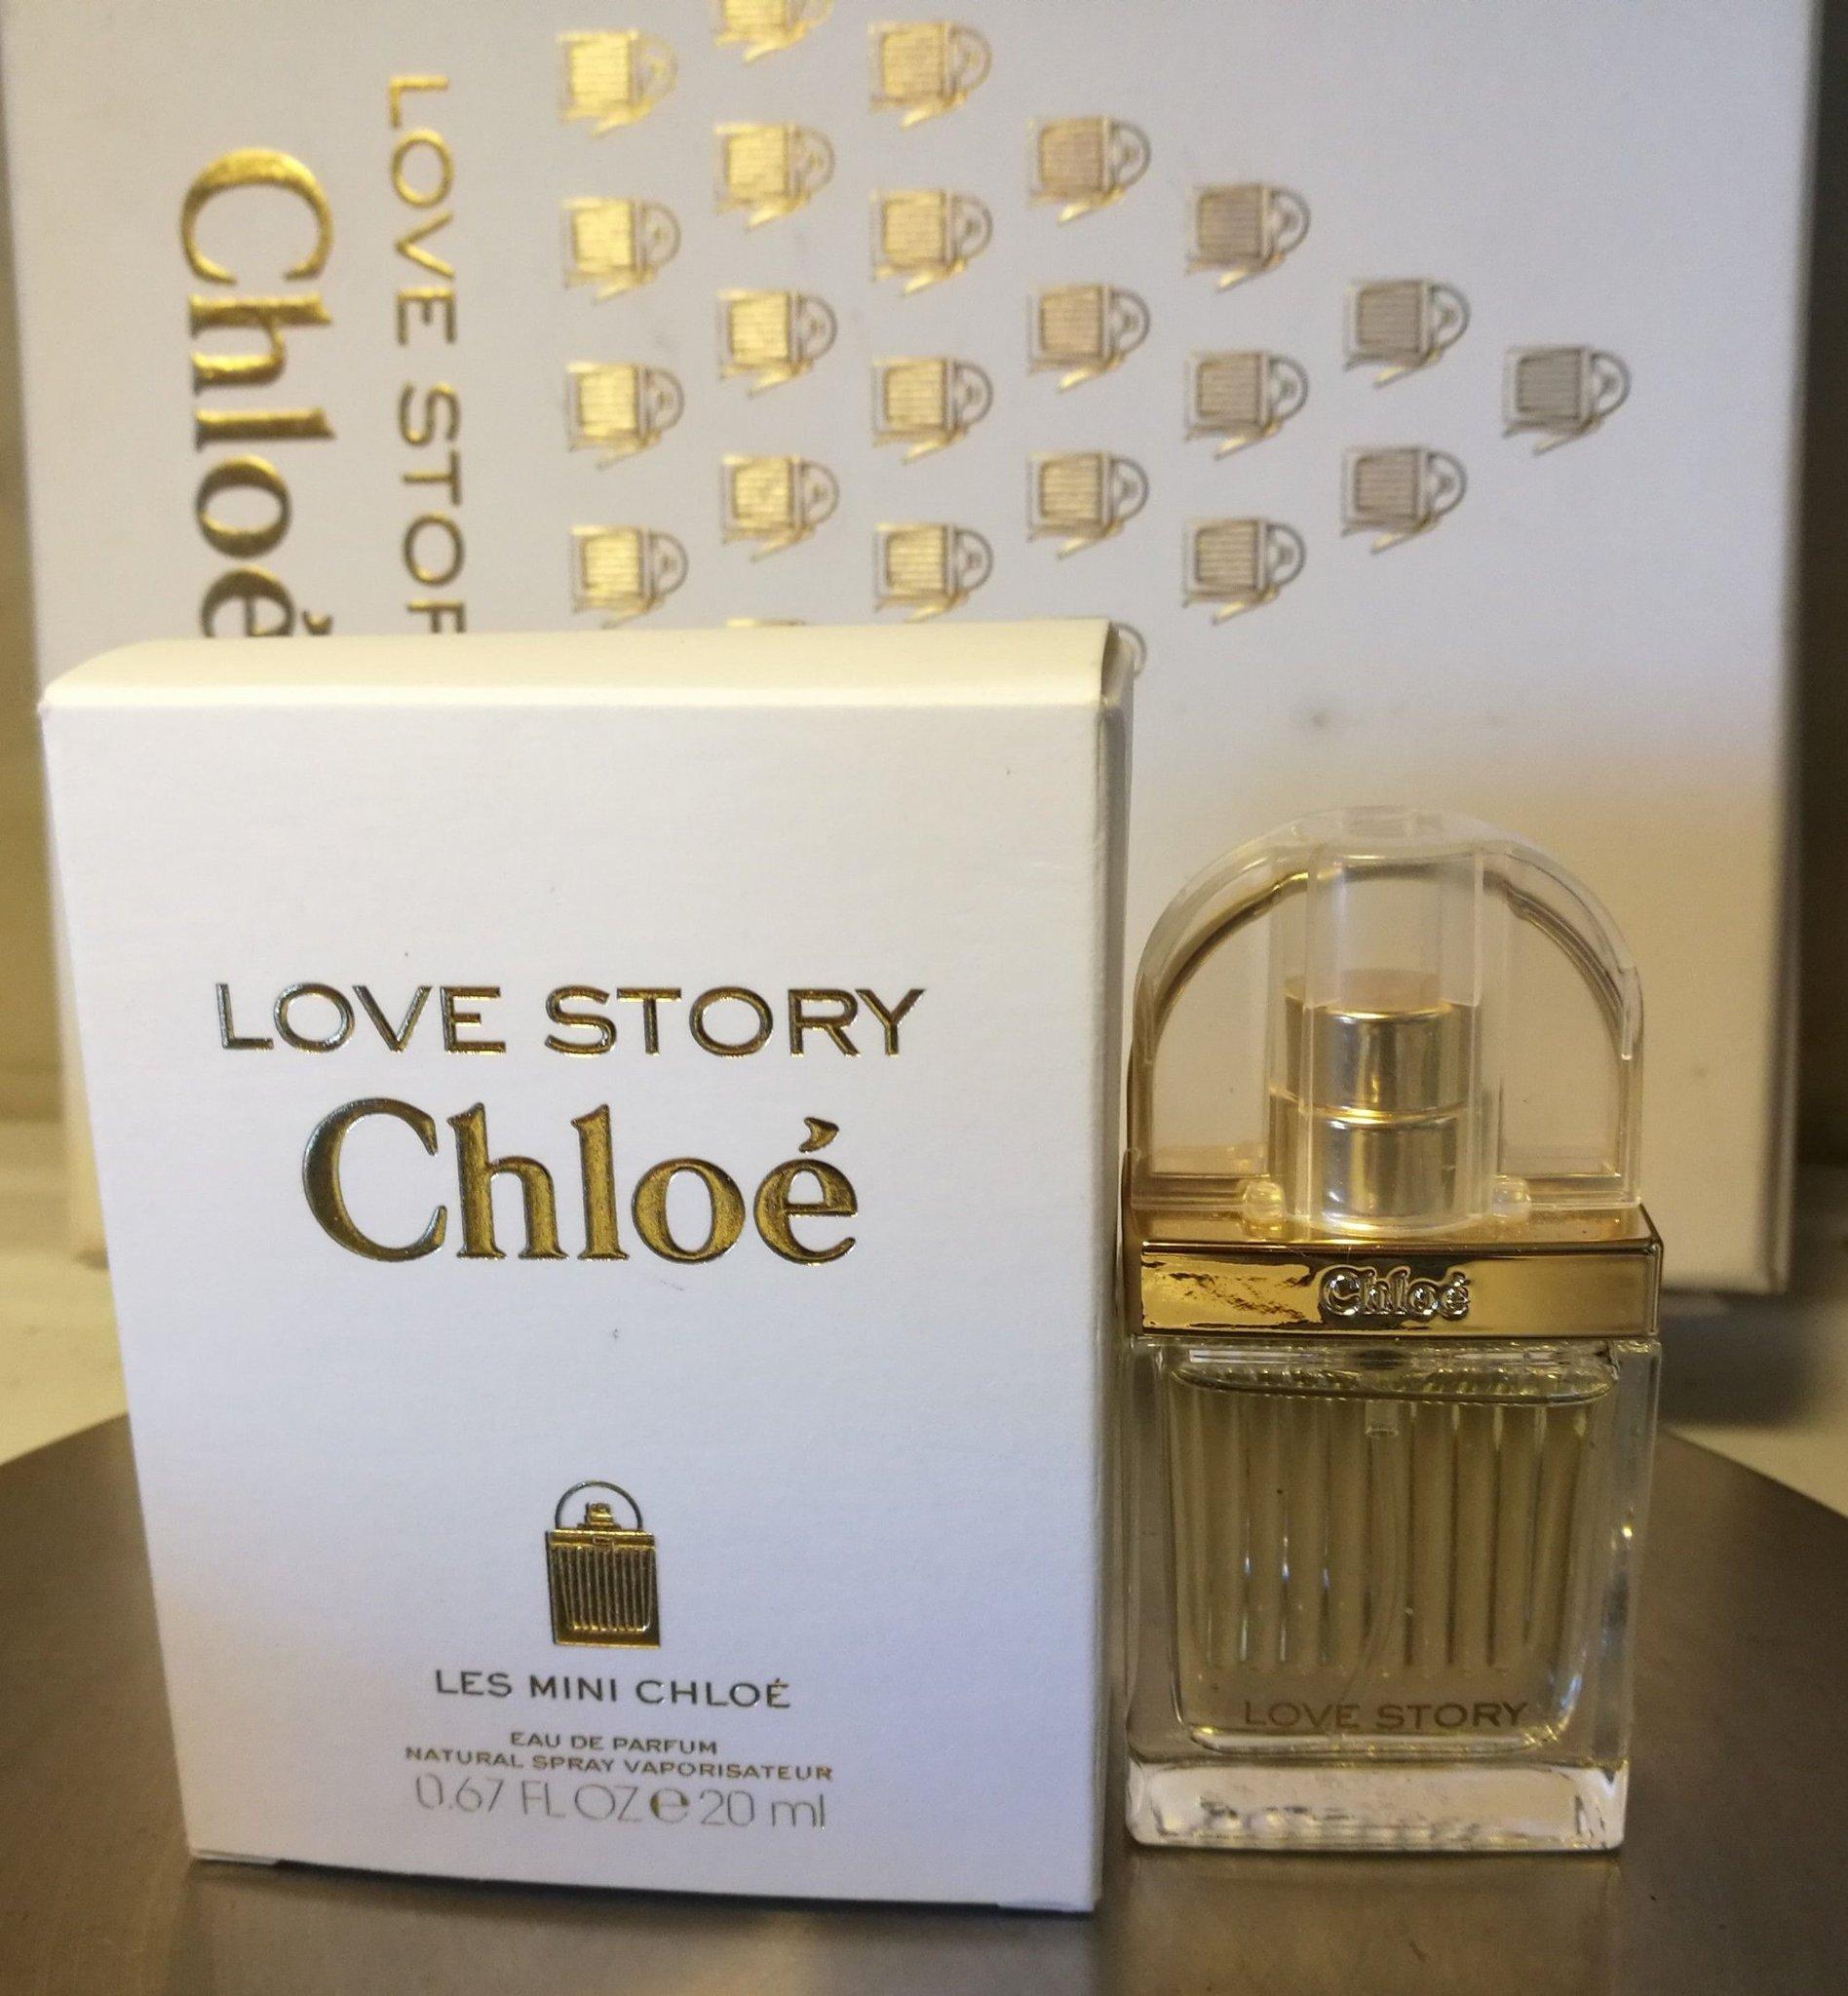 Chloe Love Story parfym (398406674) ᐈ Köp på Tradera